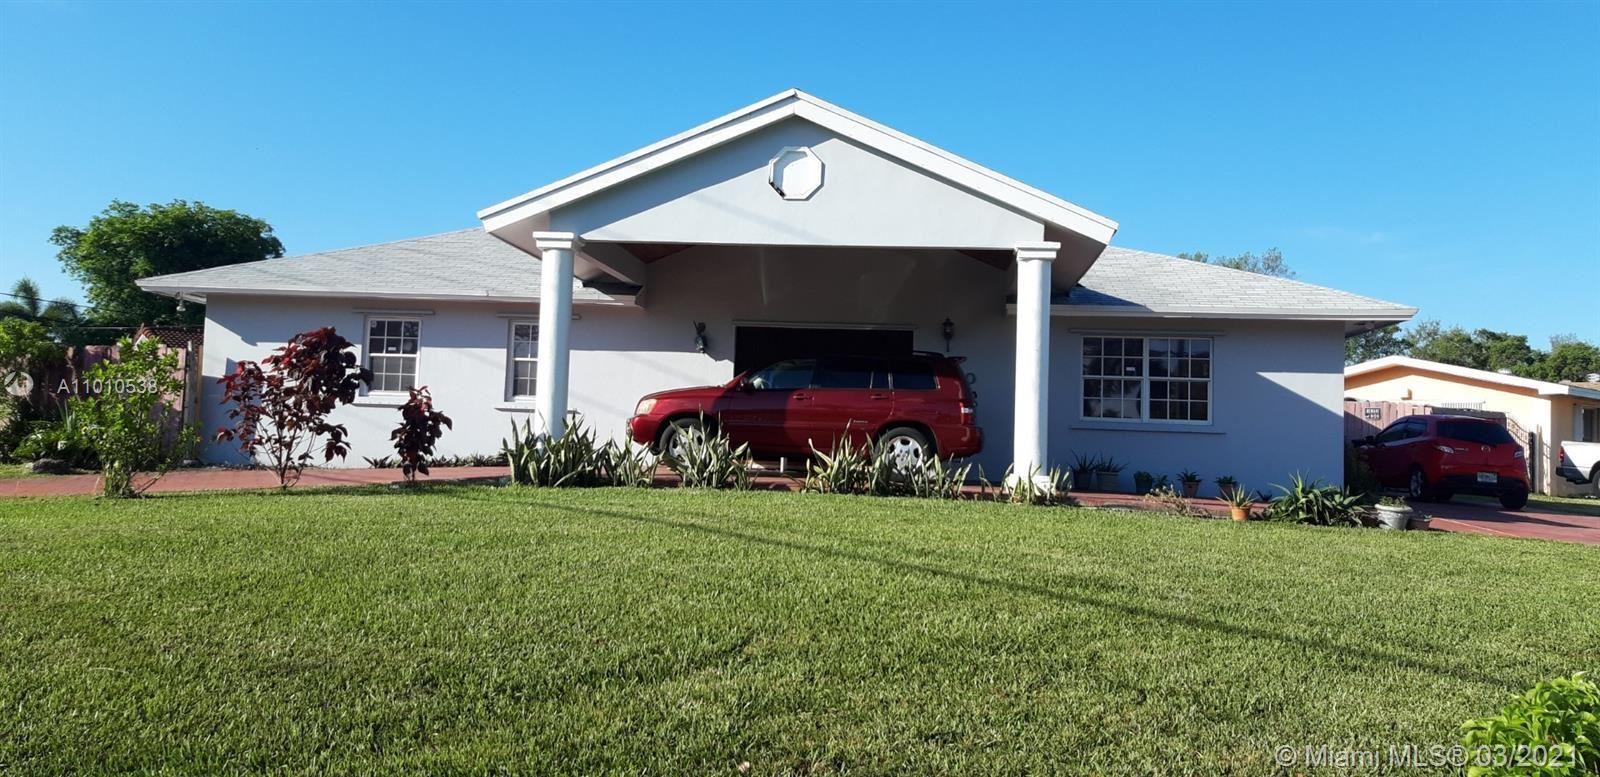 8700 SW 186th St, Cutler Bay, FL 33157 - #: A11010538